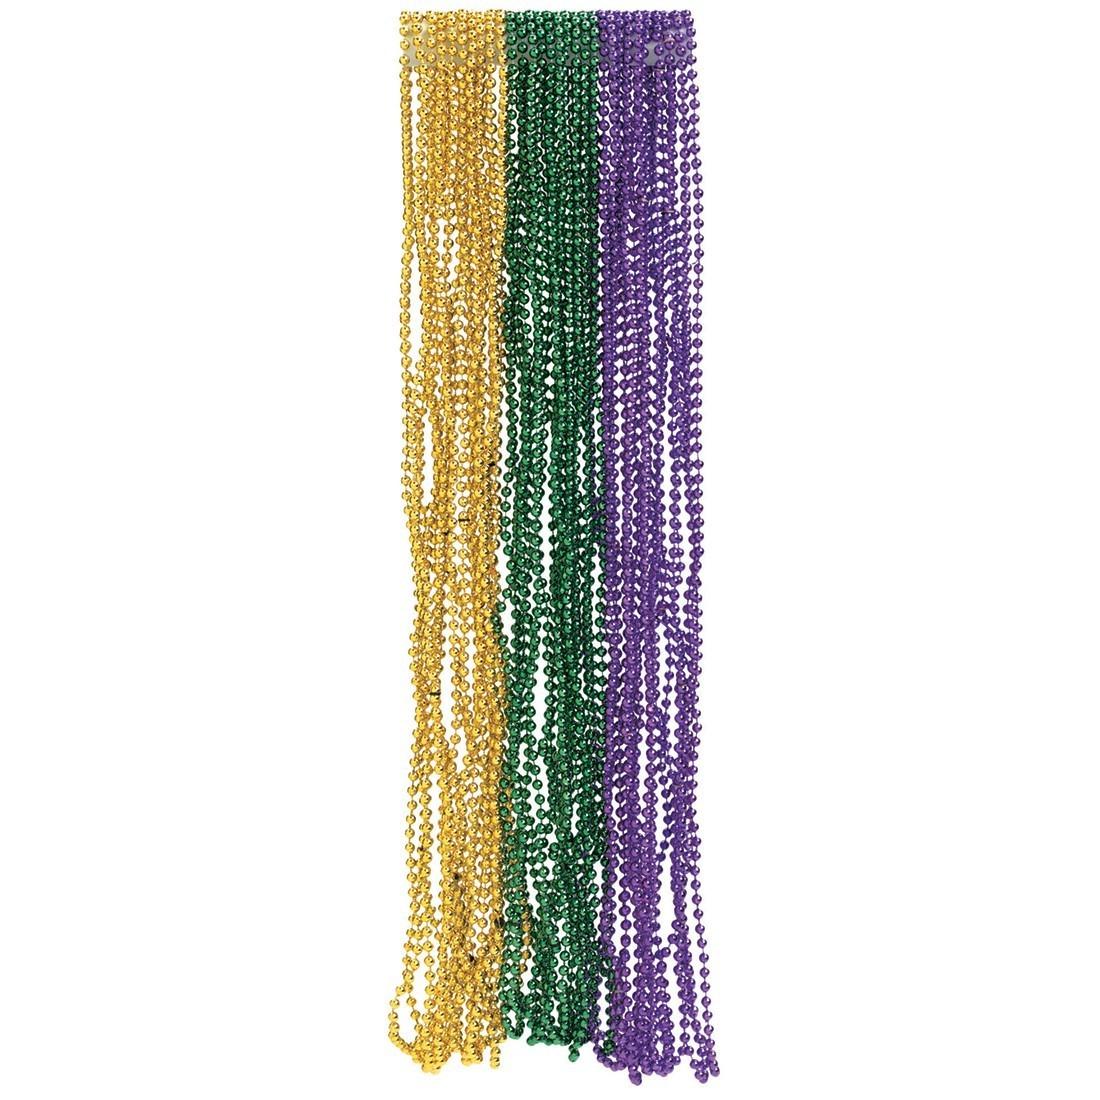 Mardi Gras Beads [image]